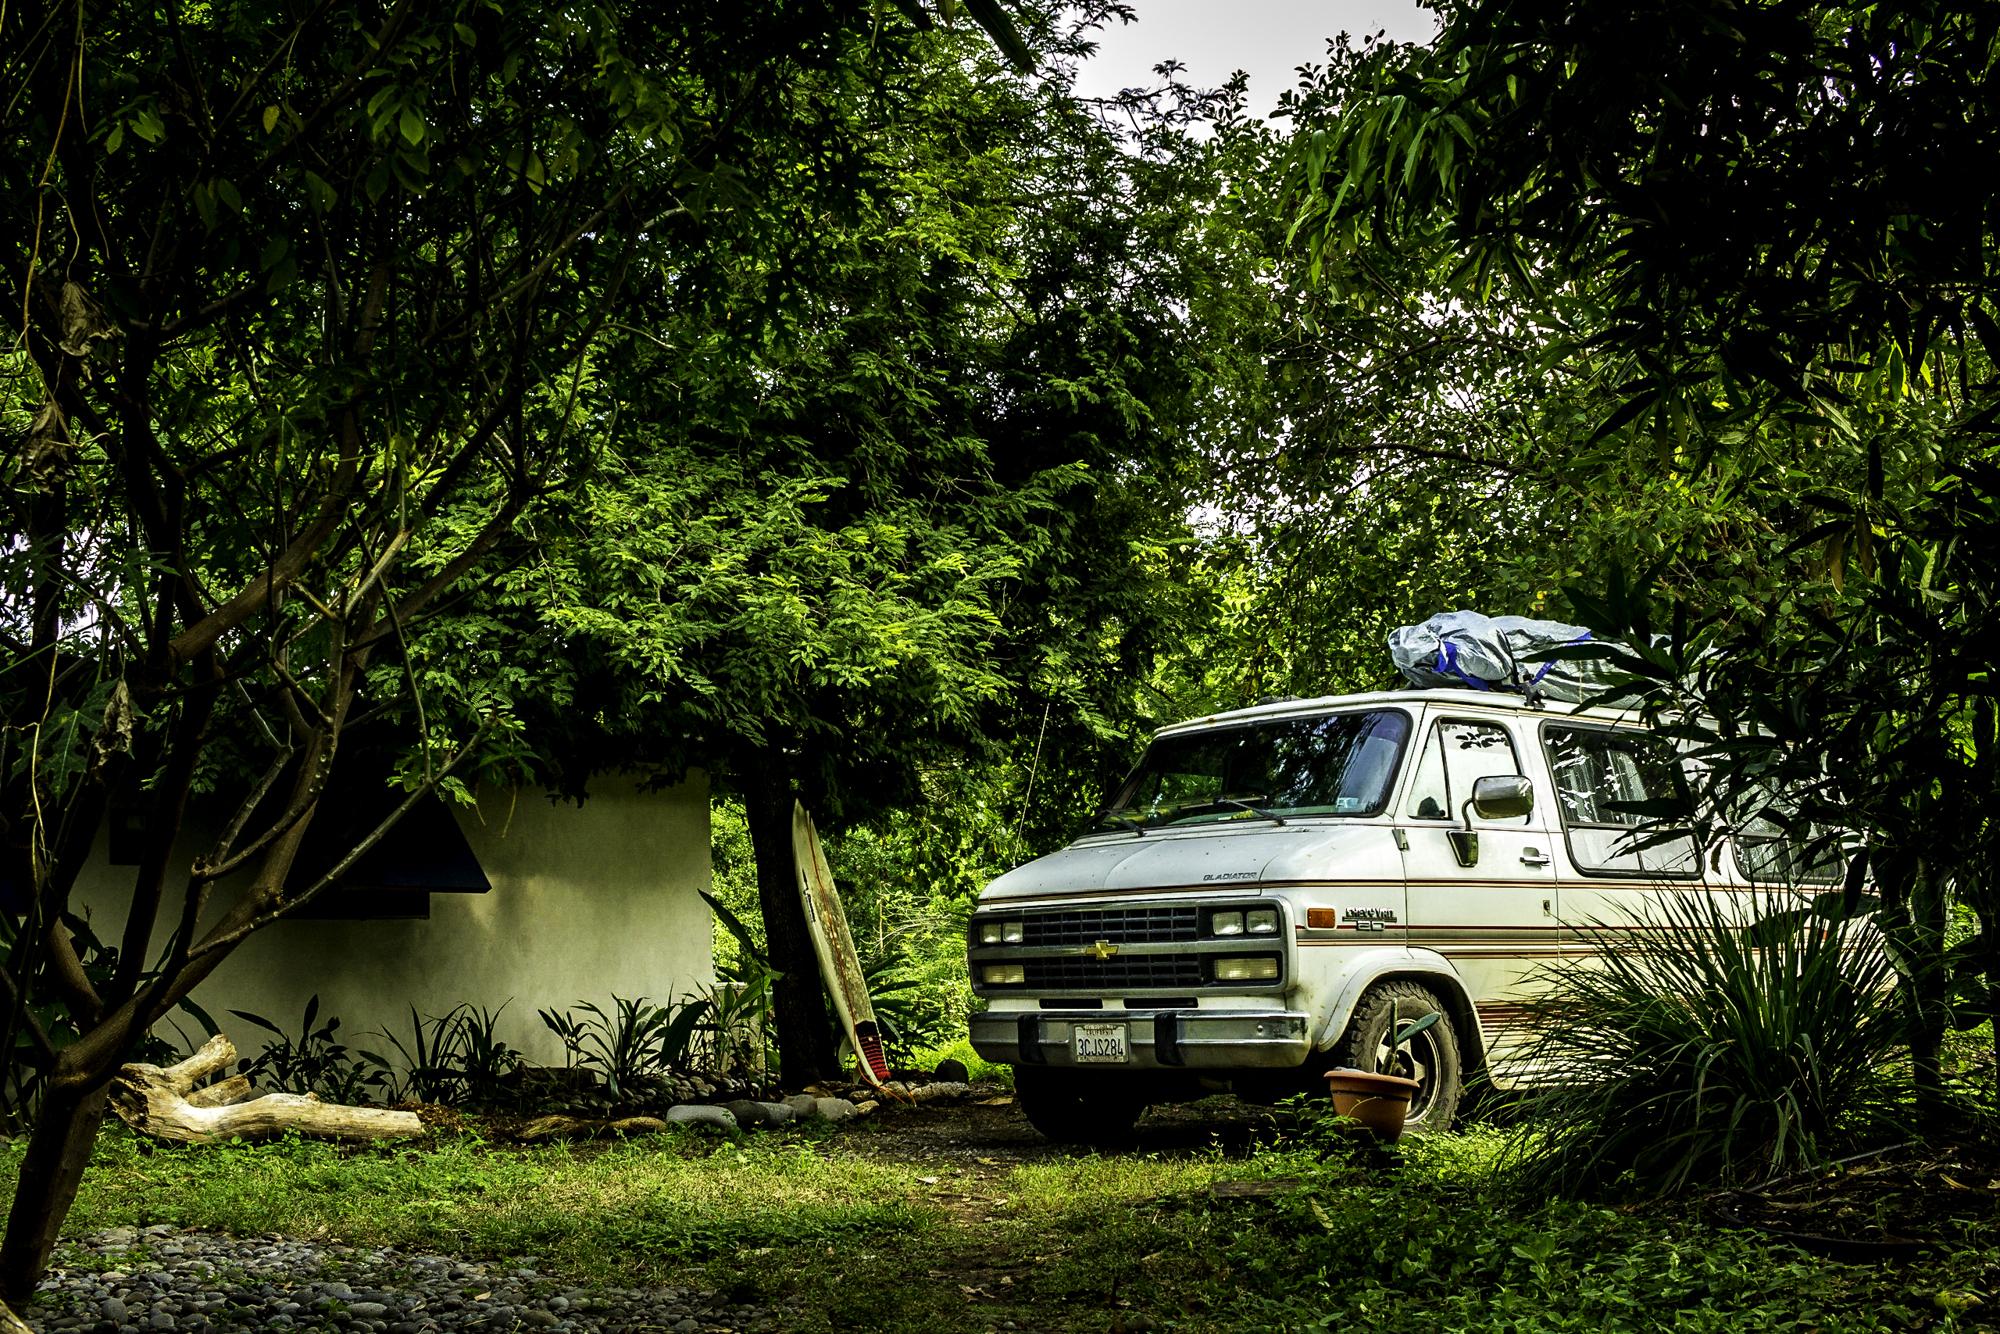 Van under green tree